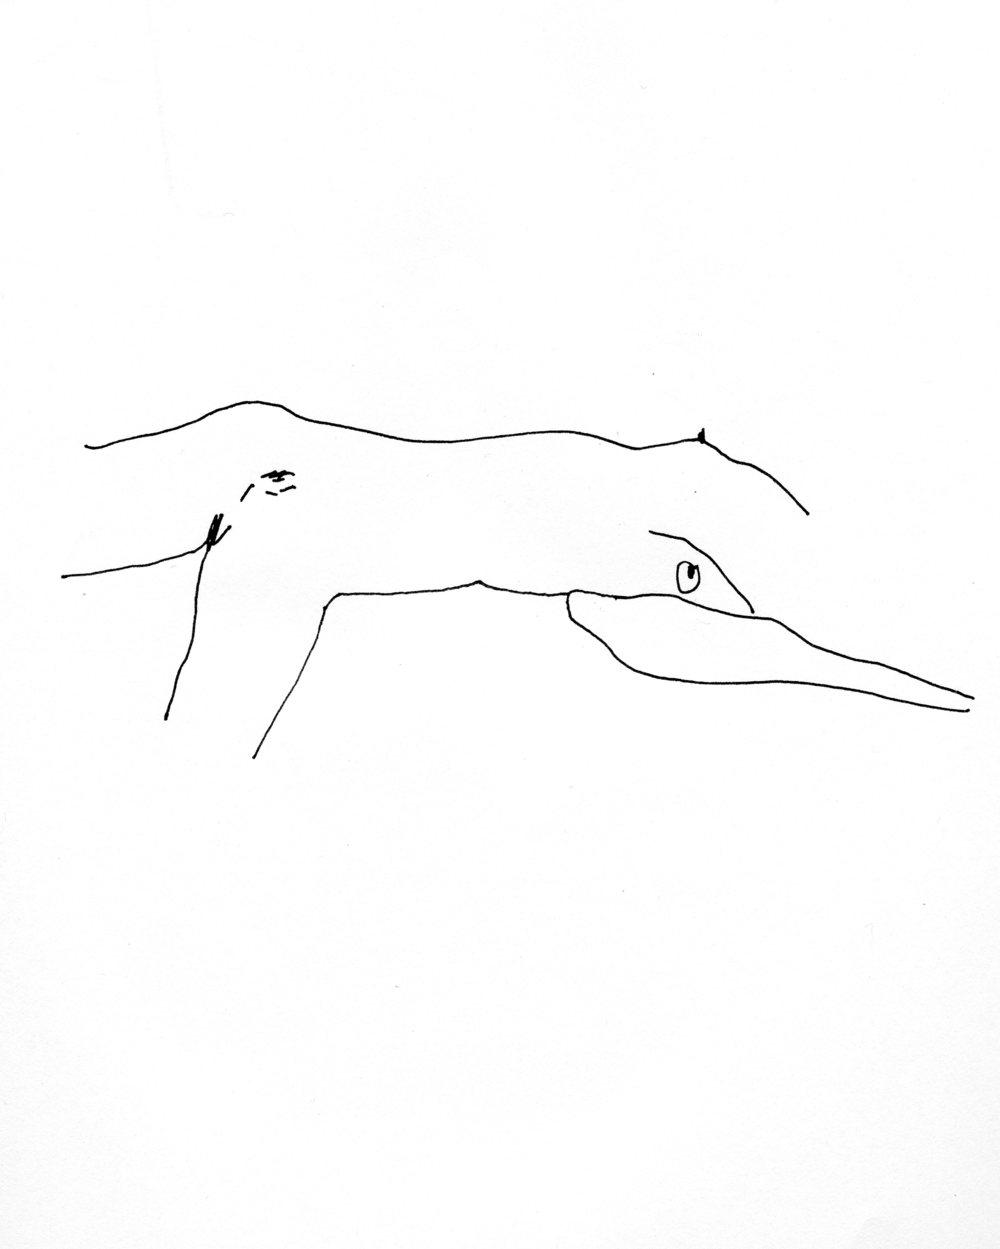 drawings628.jpg